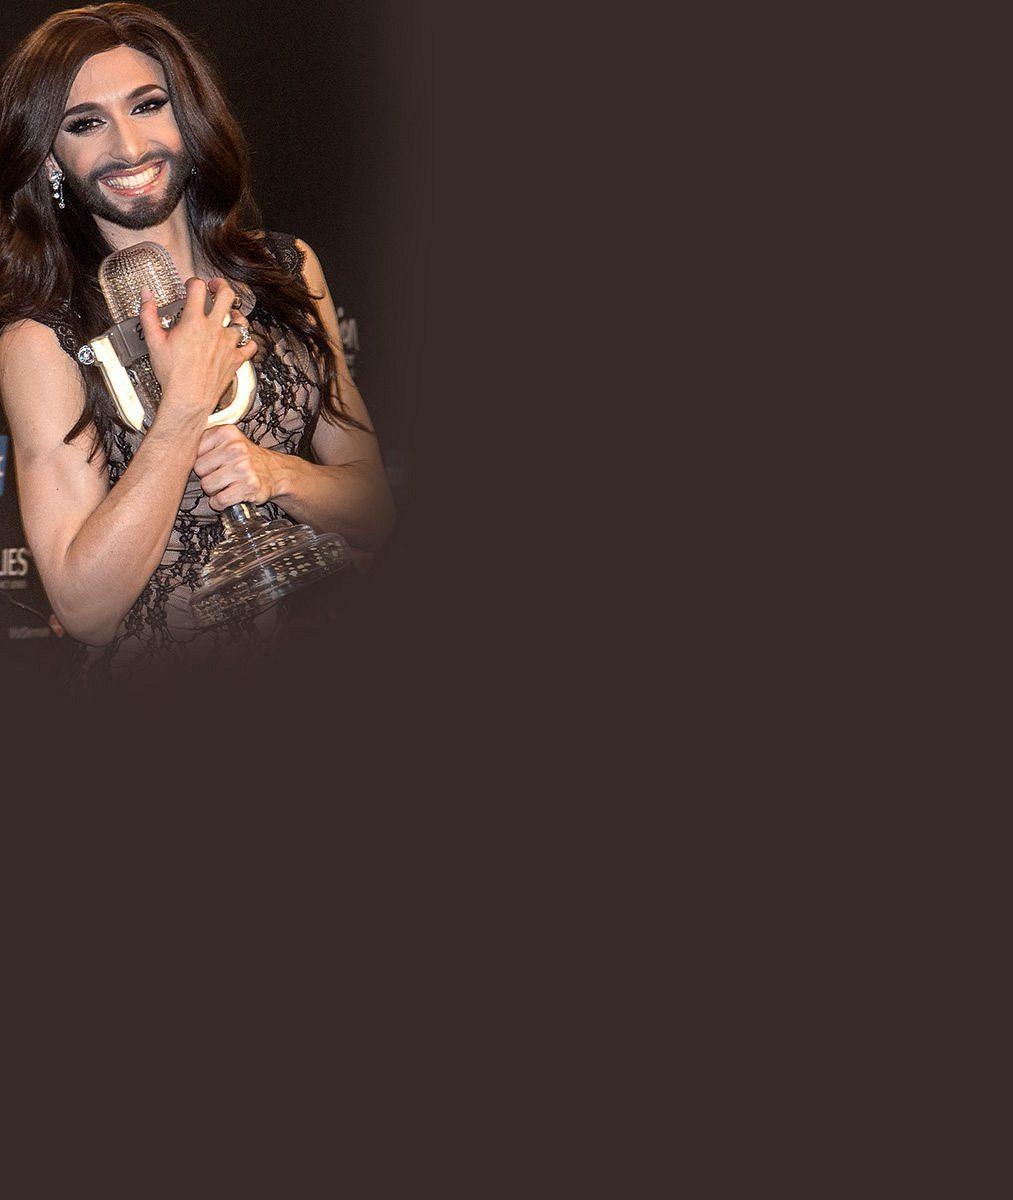 Jak vypadá vousatá zpěvačka Conchita bez šatů? Foto ze sprchy nahání spíš hrůzu